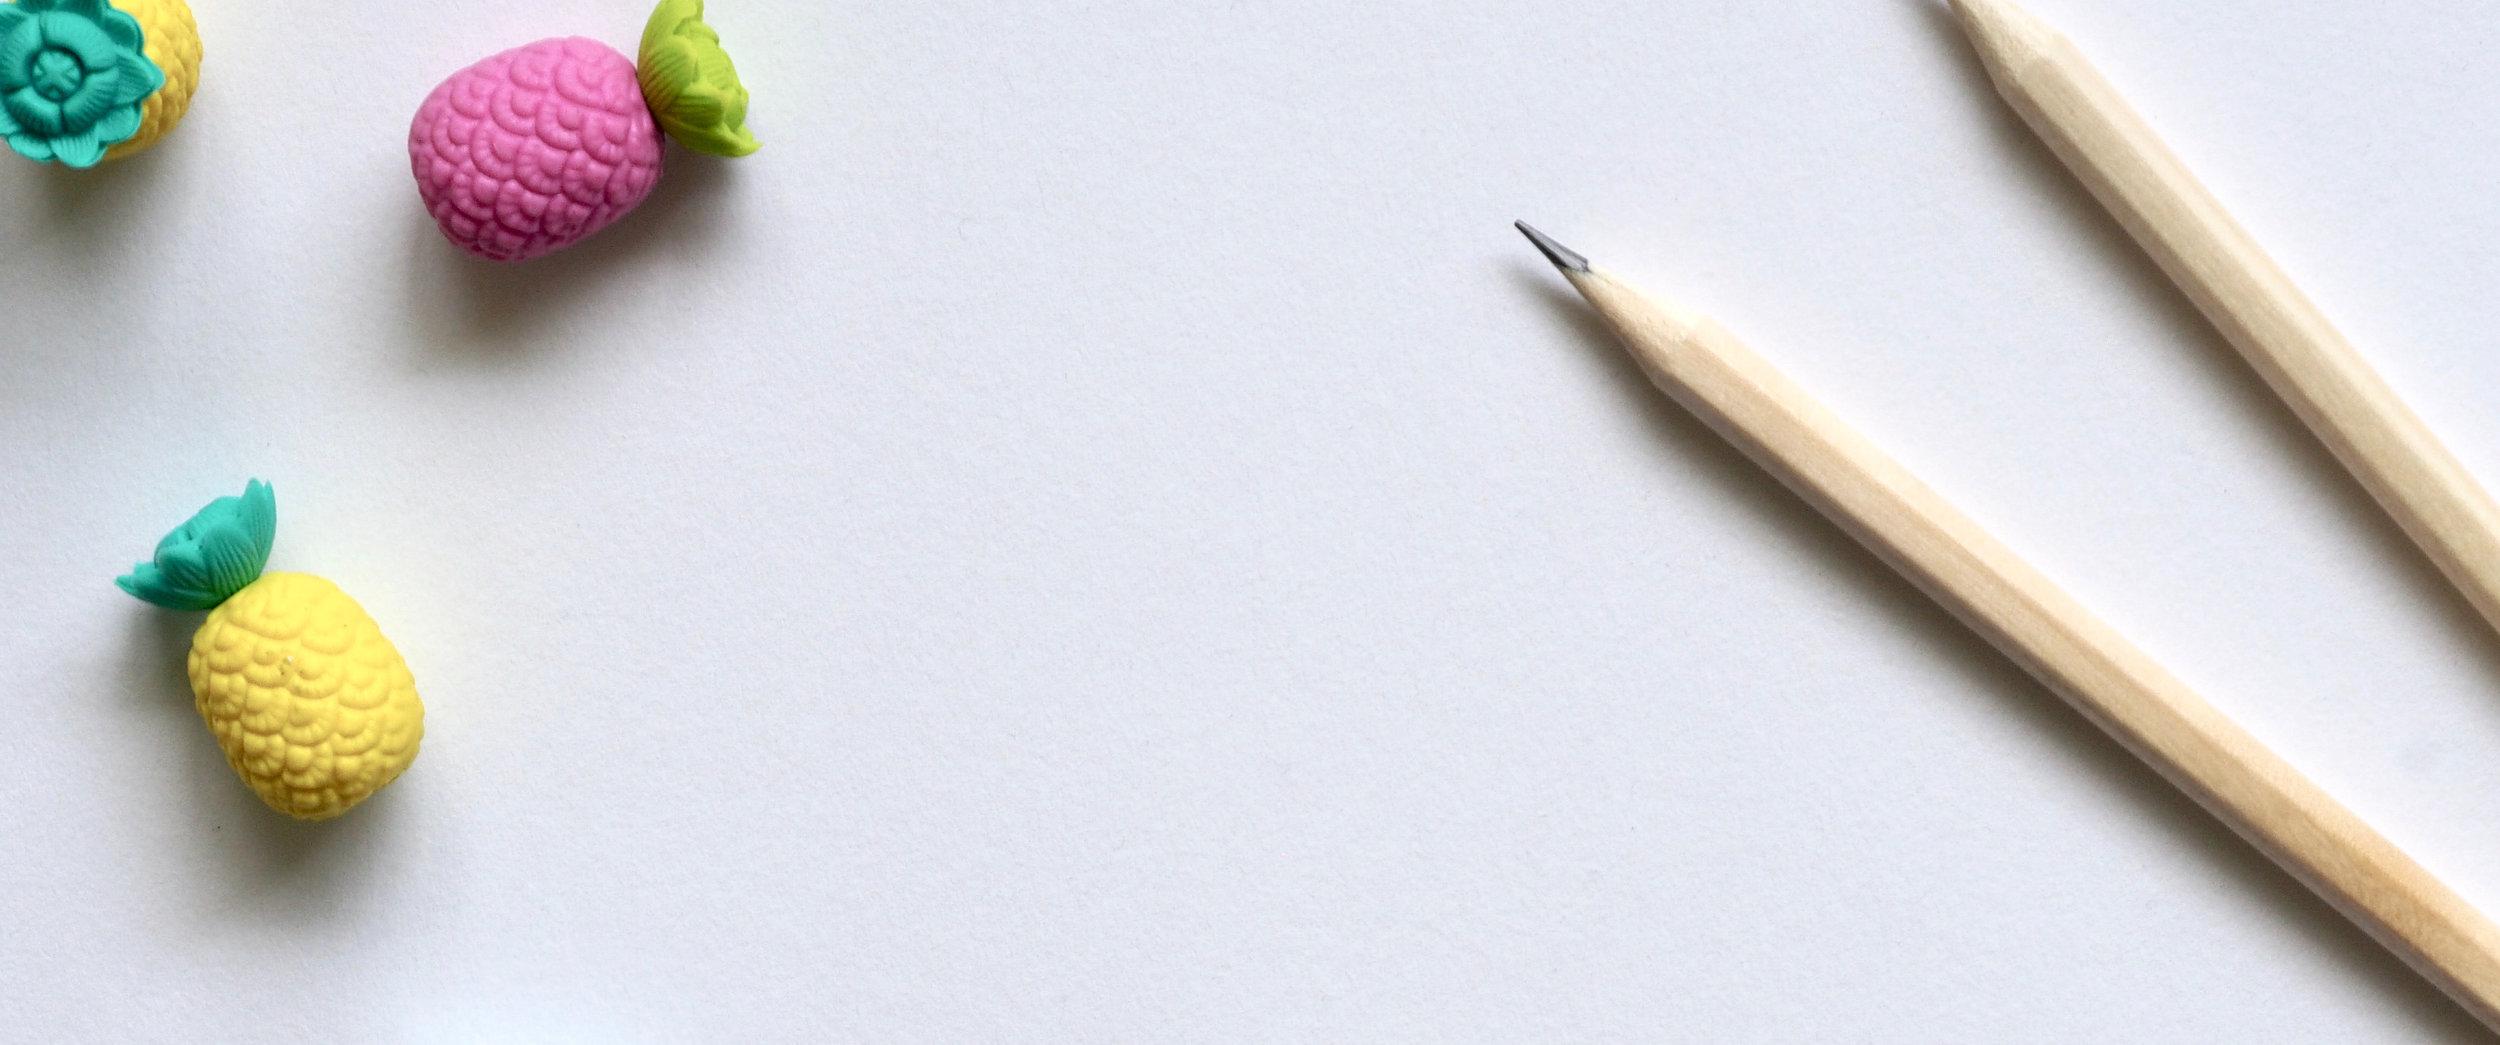 Projektitoimisto Kajo::Markkinointi,Myynti,Verkkosivut,Innovointi,Promootio::Blogi